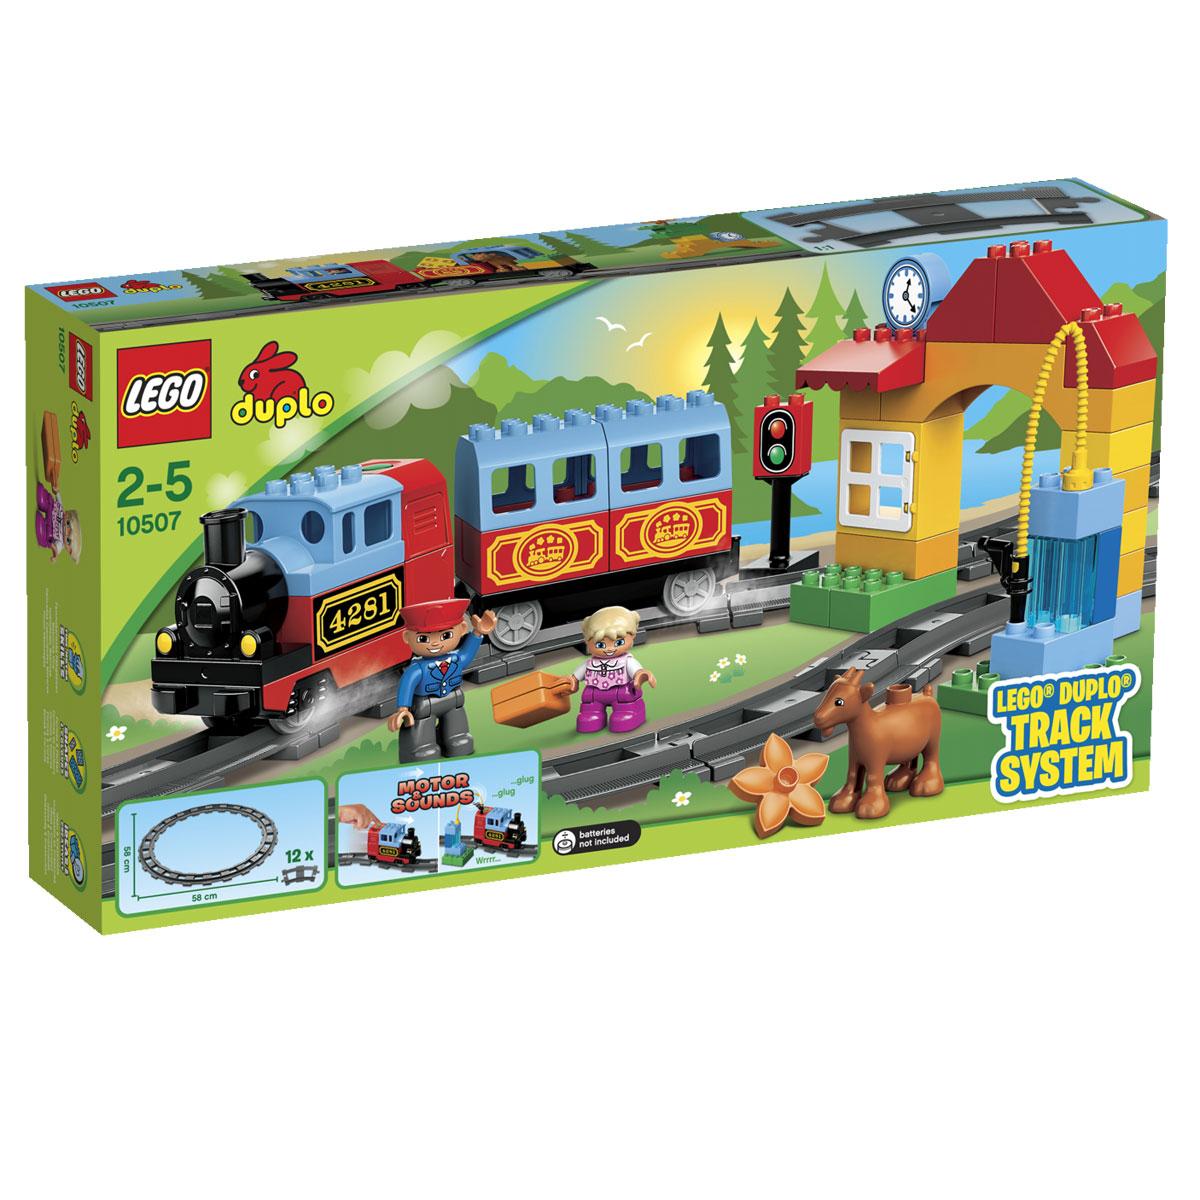 LEGO DUPLO Конструктор Мой первый поезд 10507 - Игрушки для малышей